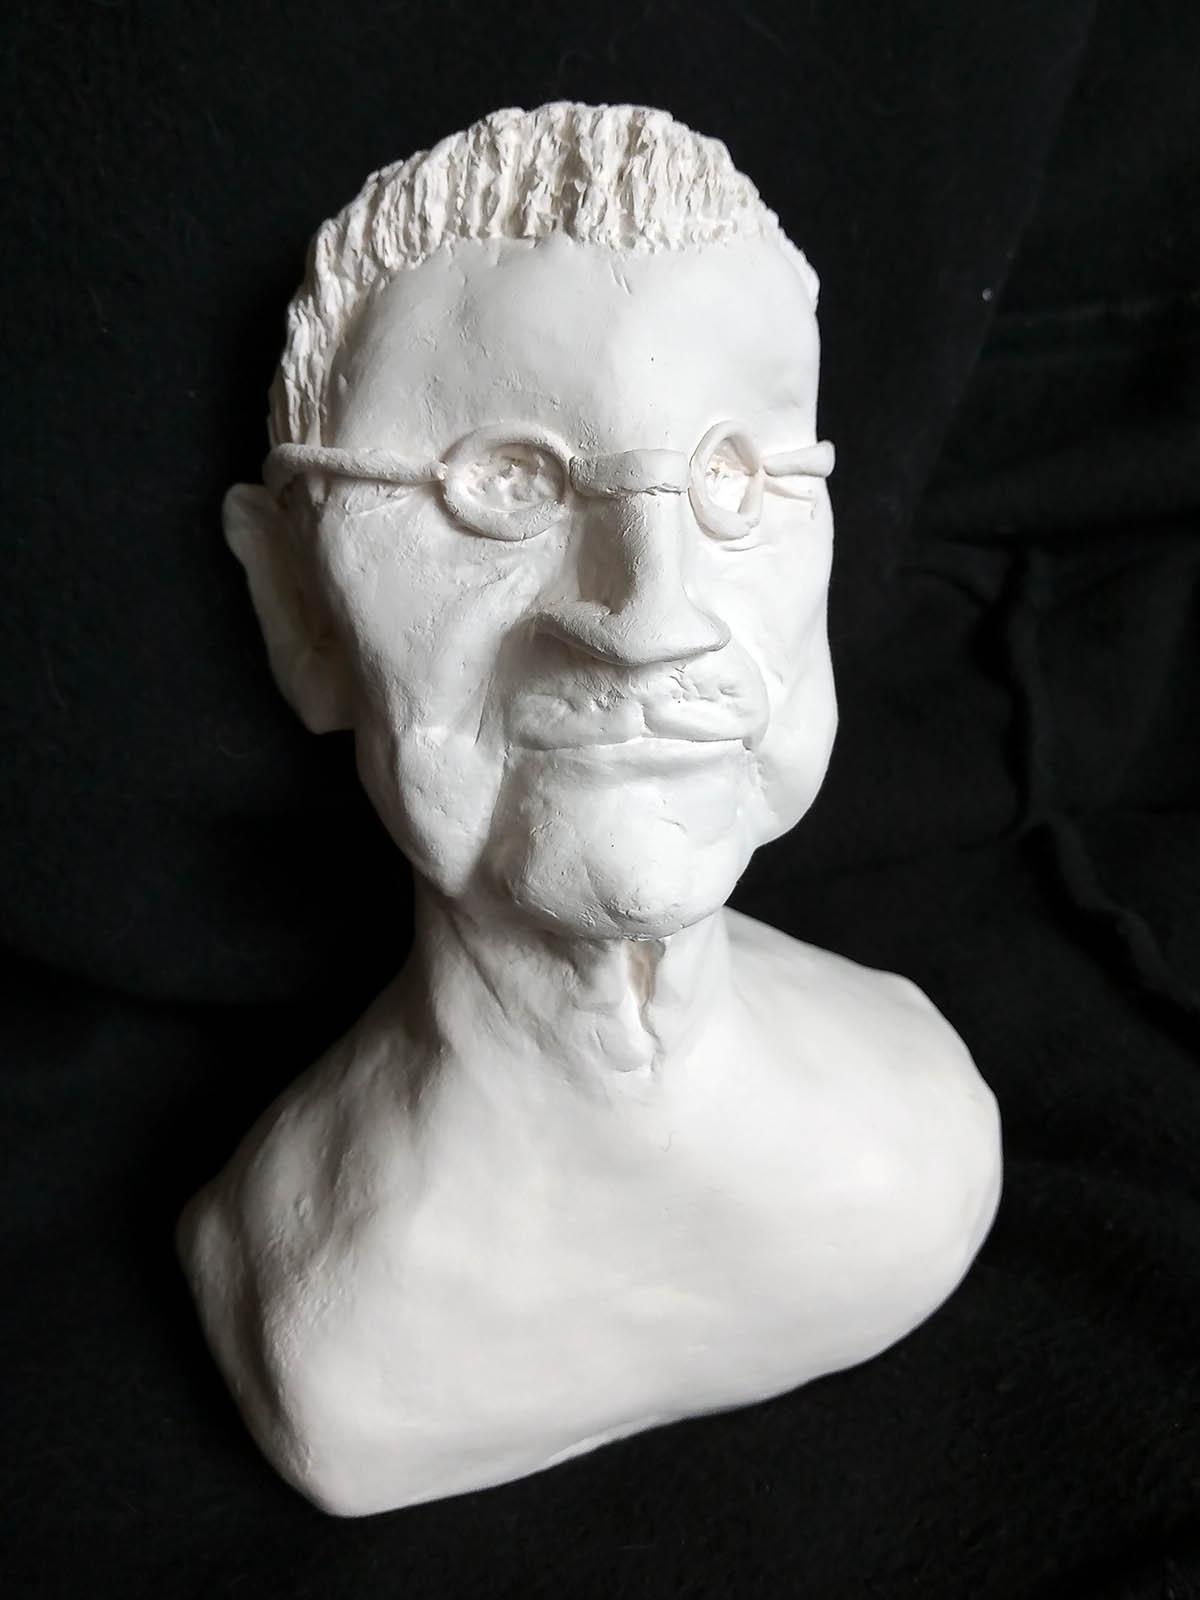 Valkoinen, massasta muotoiltu rintakuva esittää lyhythiuksista, silmälasipäistä miestä. Hänellä on soikeat kasvot, suora nenä ja korkea otsa.